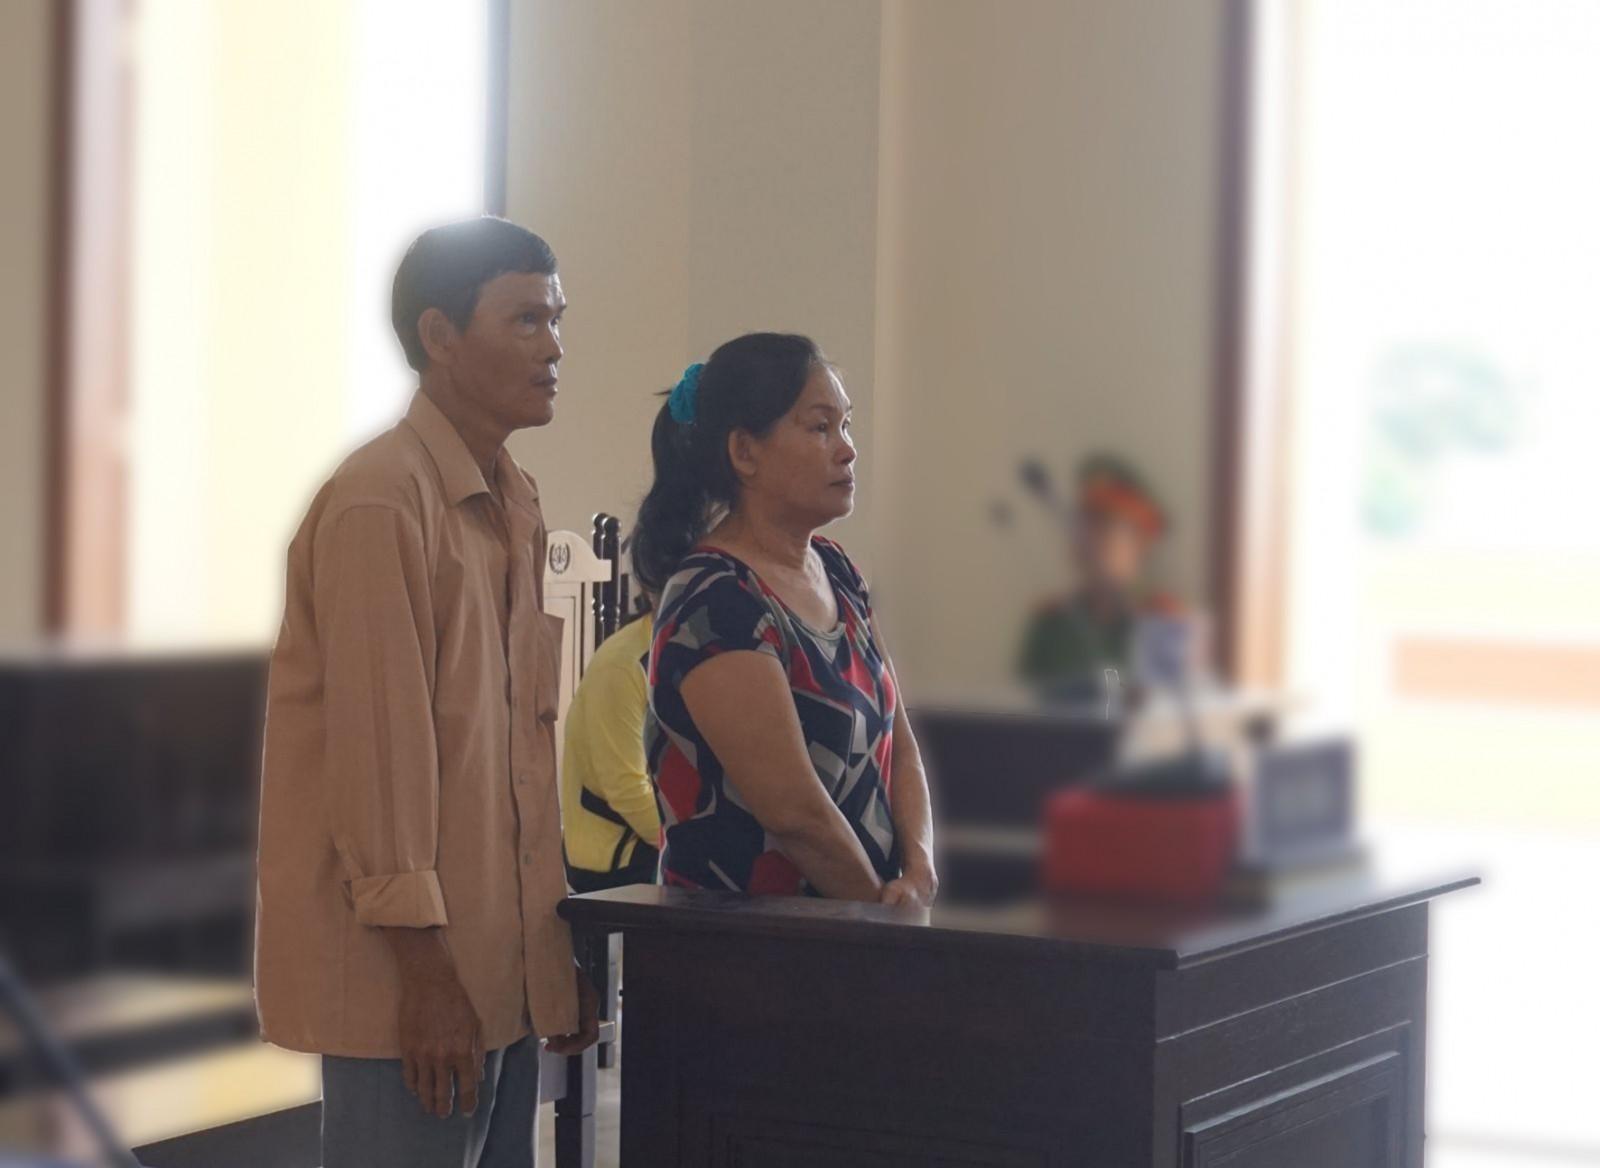 Kim Hòa và Hữu Công trả lời thẩm vấn HĐXX vào ngày 14-3-2019. Ảnh: KIỀU CHINH